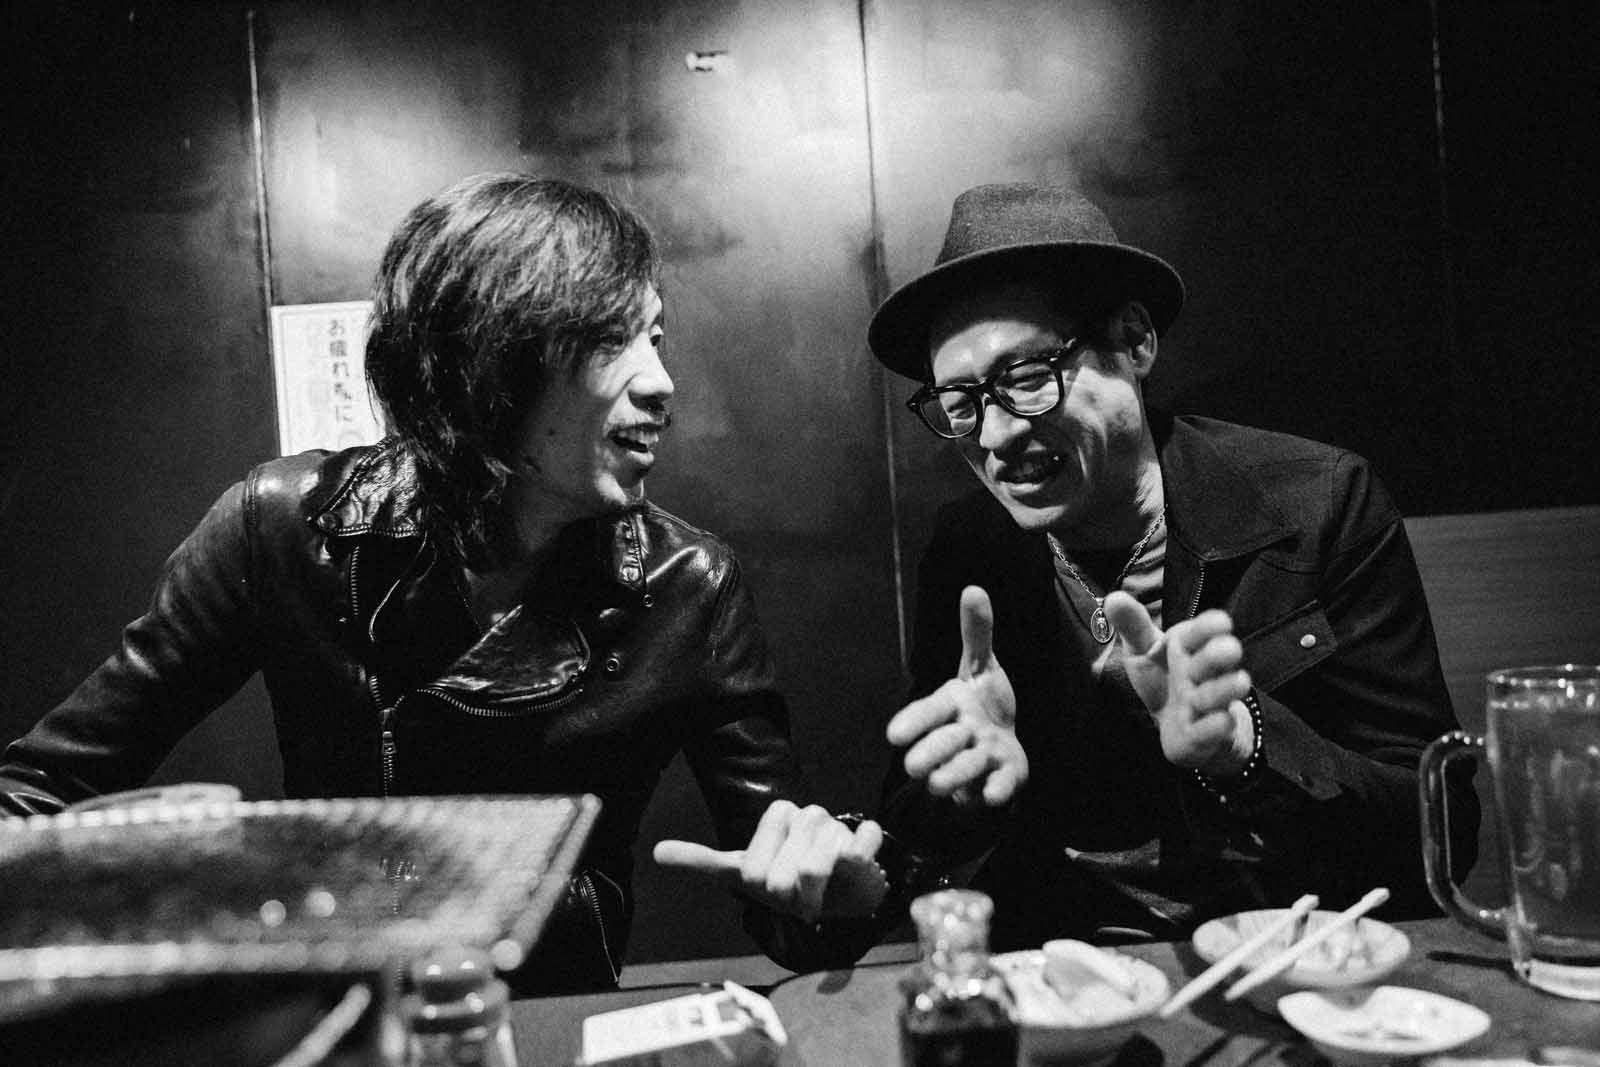 武藤昭平 with ウエノコウジ